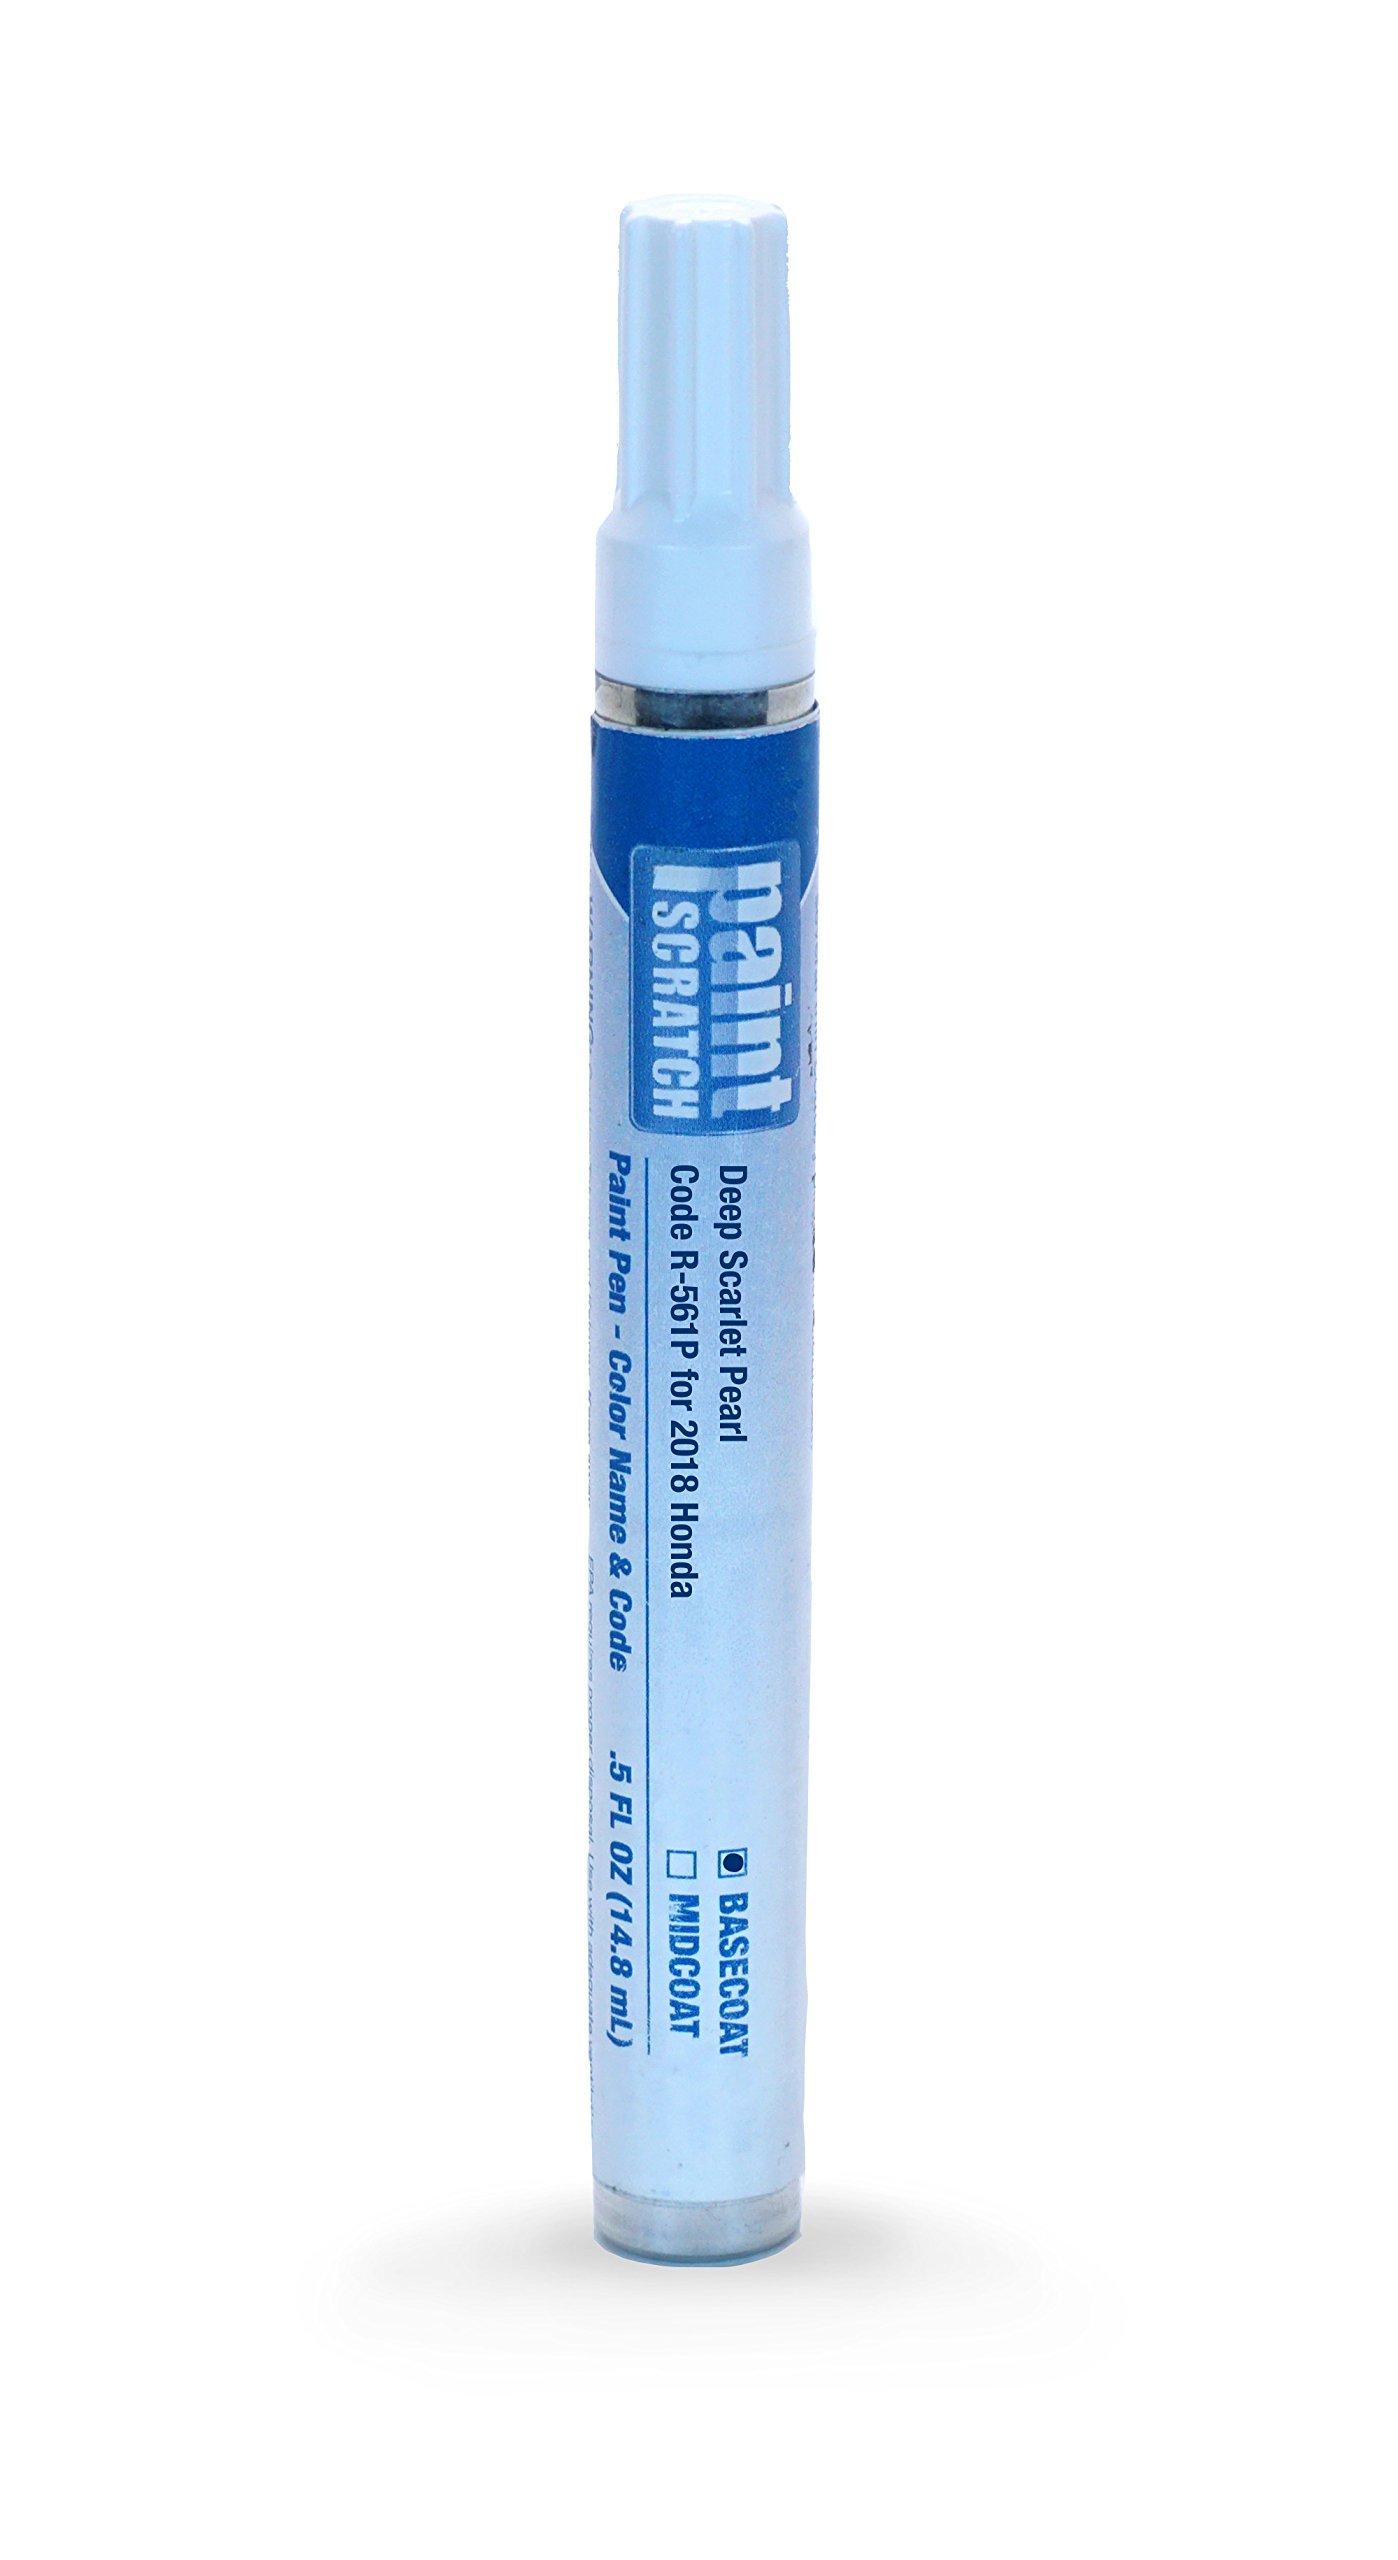 PAINTSCRATCH 2018 Honda Odyssey Deep Scarlet Pearl R-561P Touch Up Paint Pen Kit by Original Factory OEM Automotive Paint - Color Match Guaranteed by PAINTSCRATCH (Image #4)